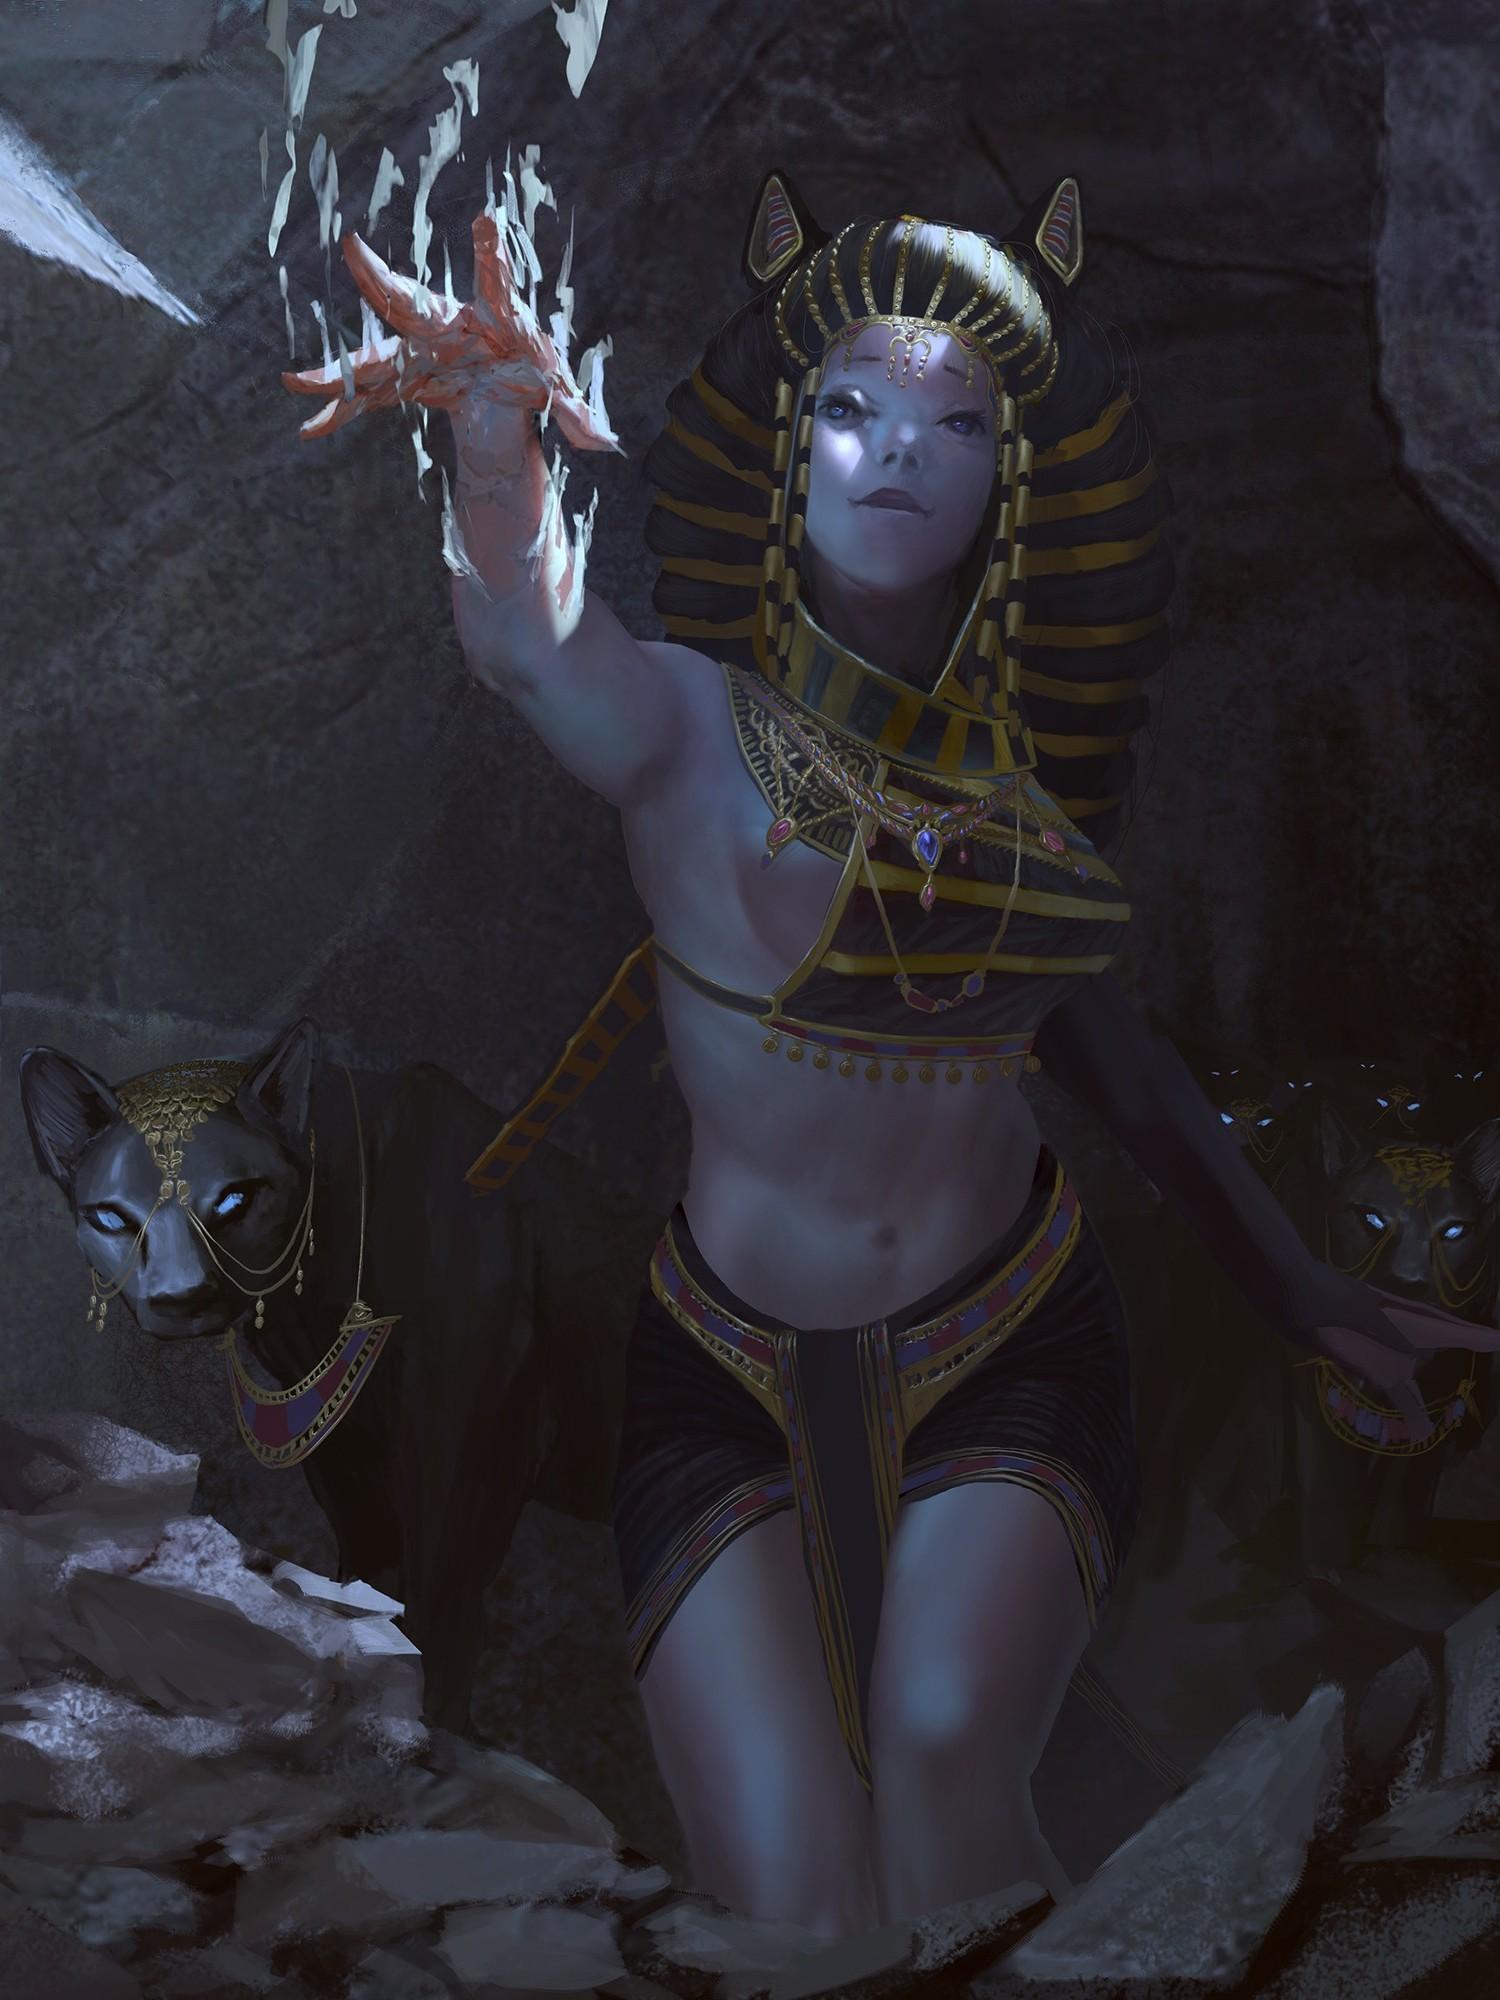 Egyptian Mythology Wallpaper 62 Images